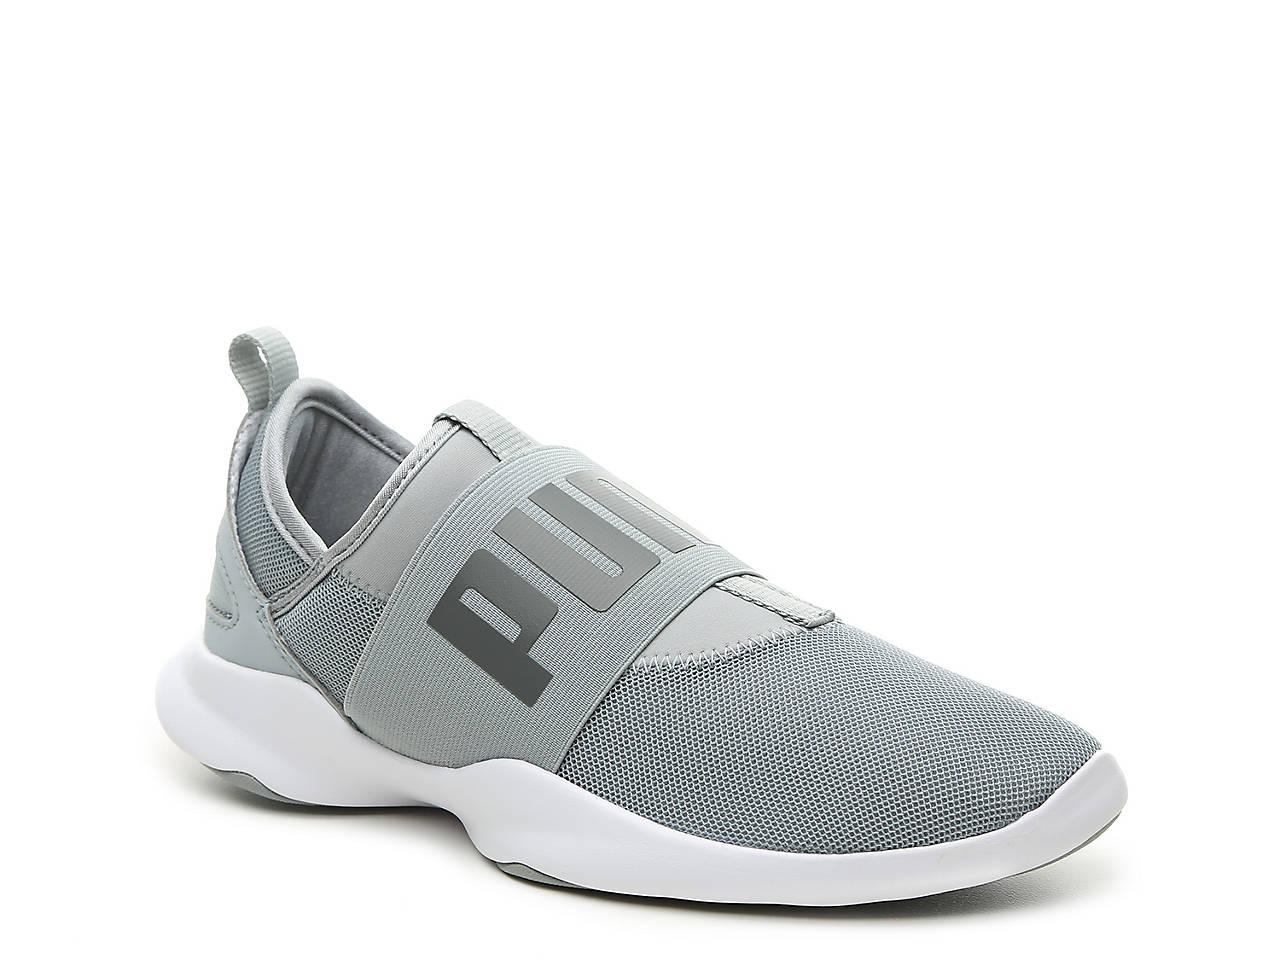 Puma Dare Lightweight Training Shoe - Women s Women s Shoes  4c1daed59c